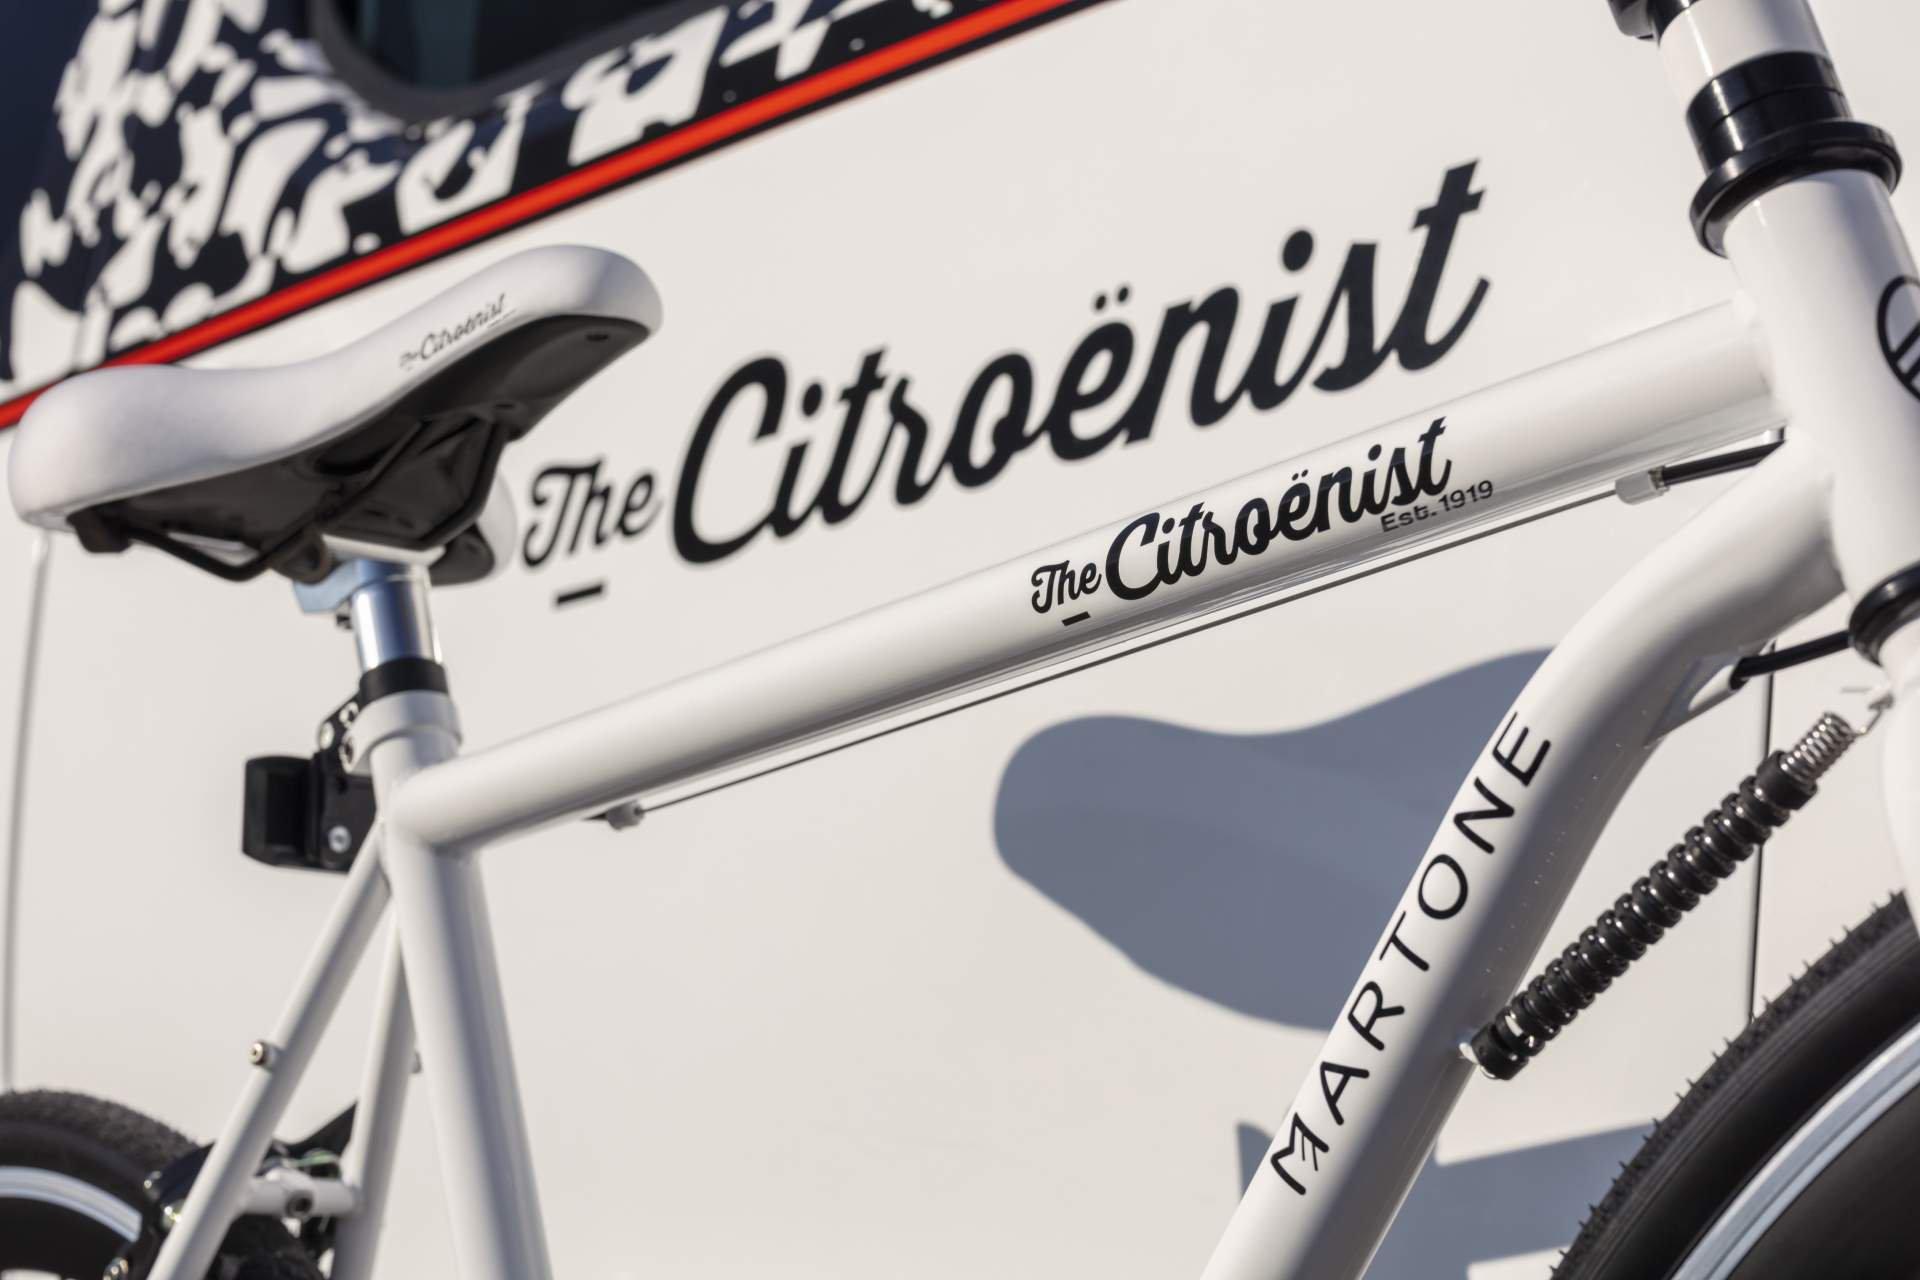 Citroen SpaceTourer The Citroenist Concept (12)